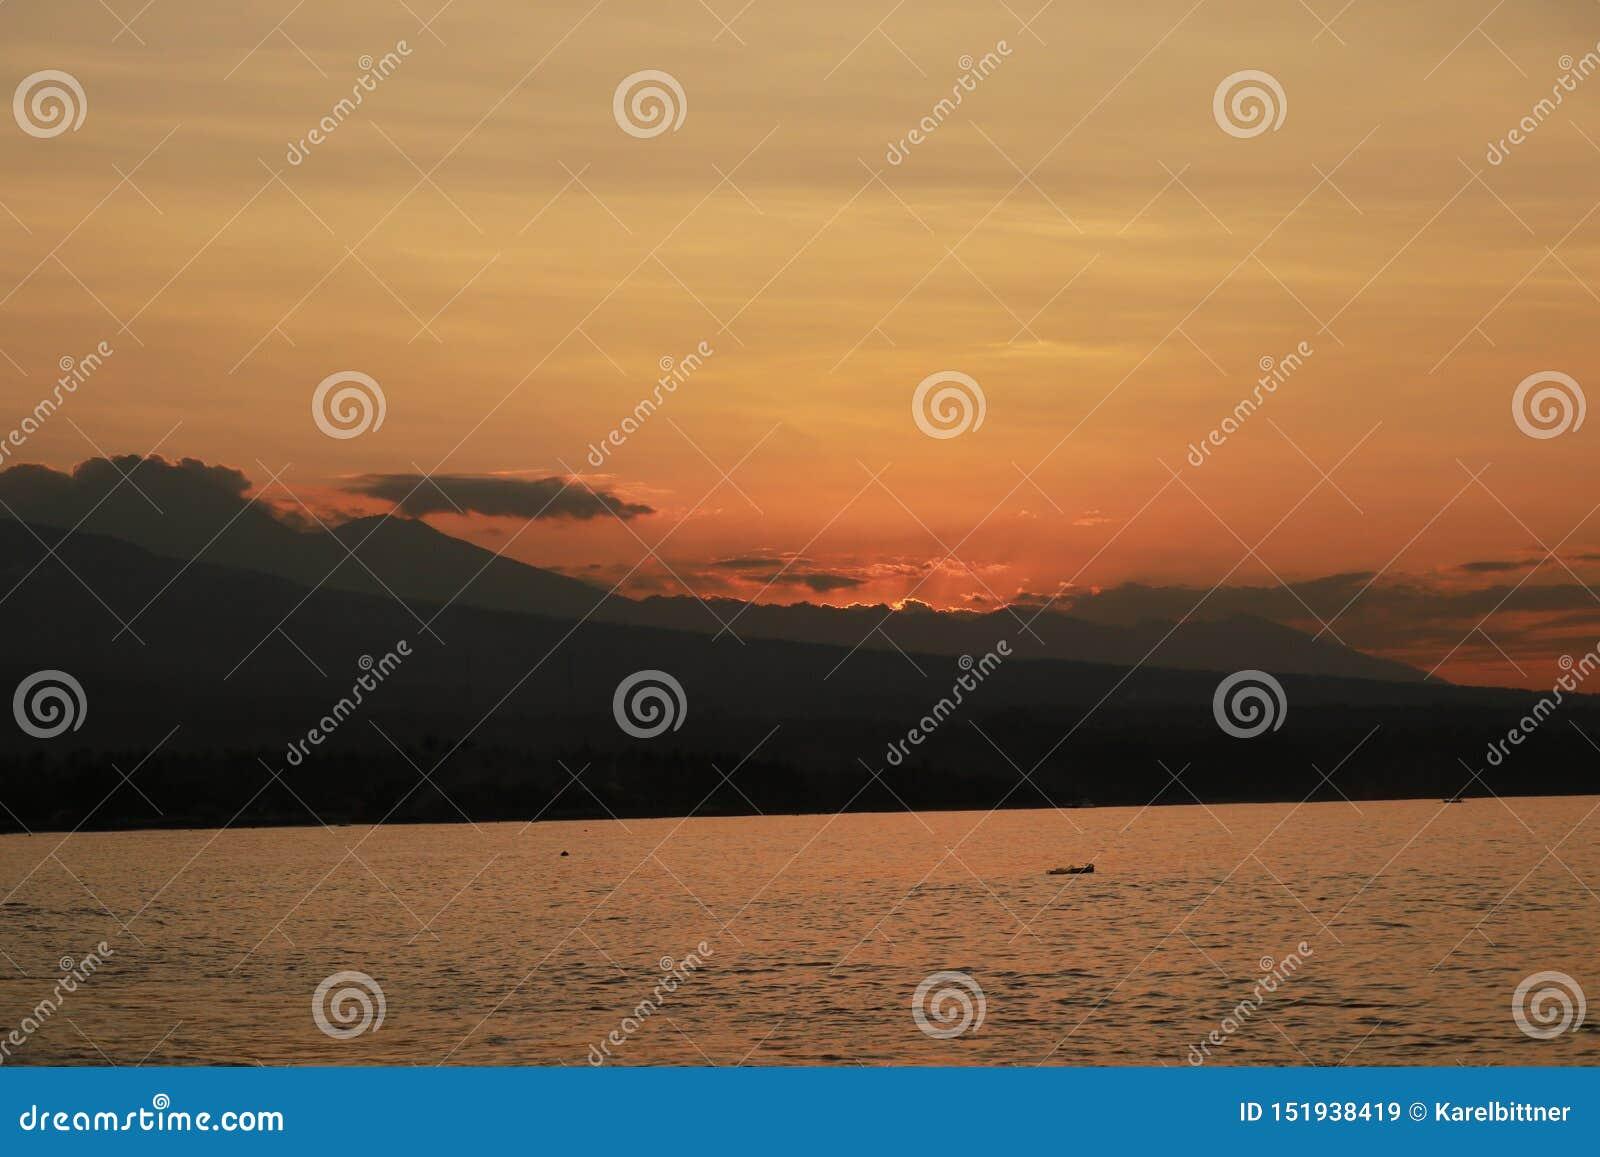 Coucher du soleil romantique sur la côte en Indonésie Le surfer va apprécier le paddleboard au coucher du soleil Panorama de litt